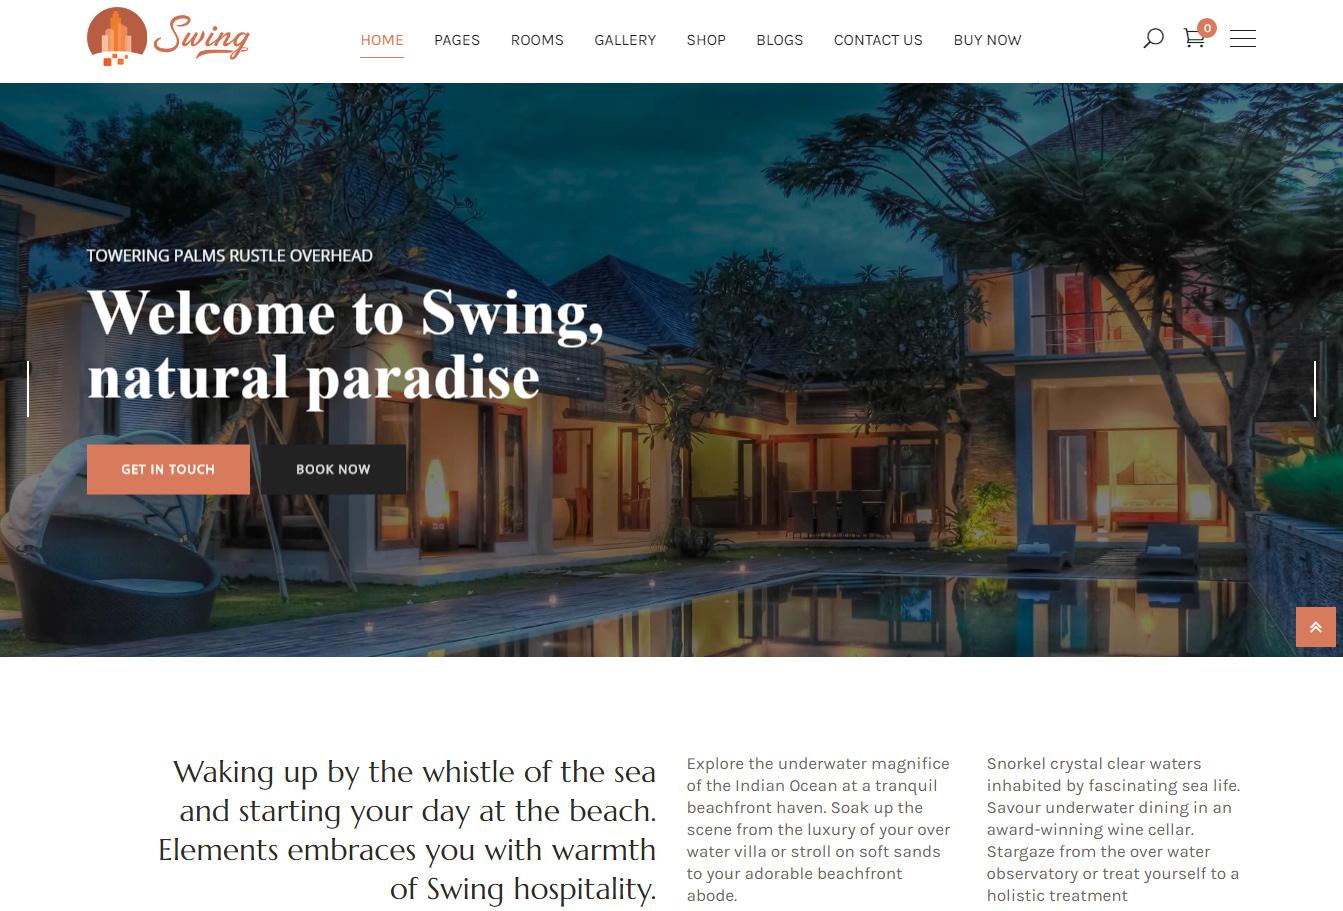 Swing - Resort and Hotel WordPress Theme